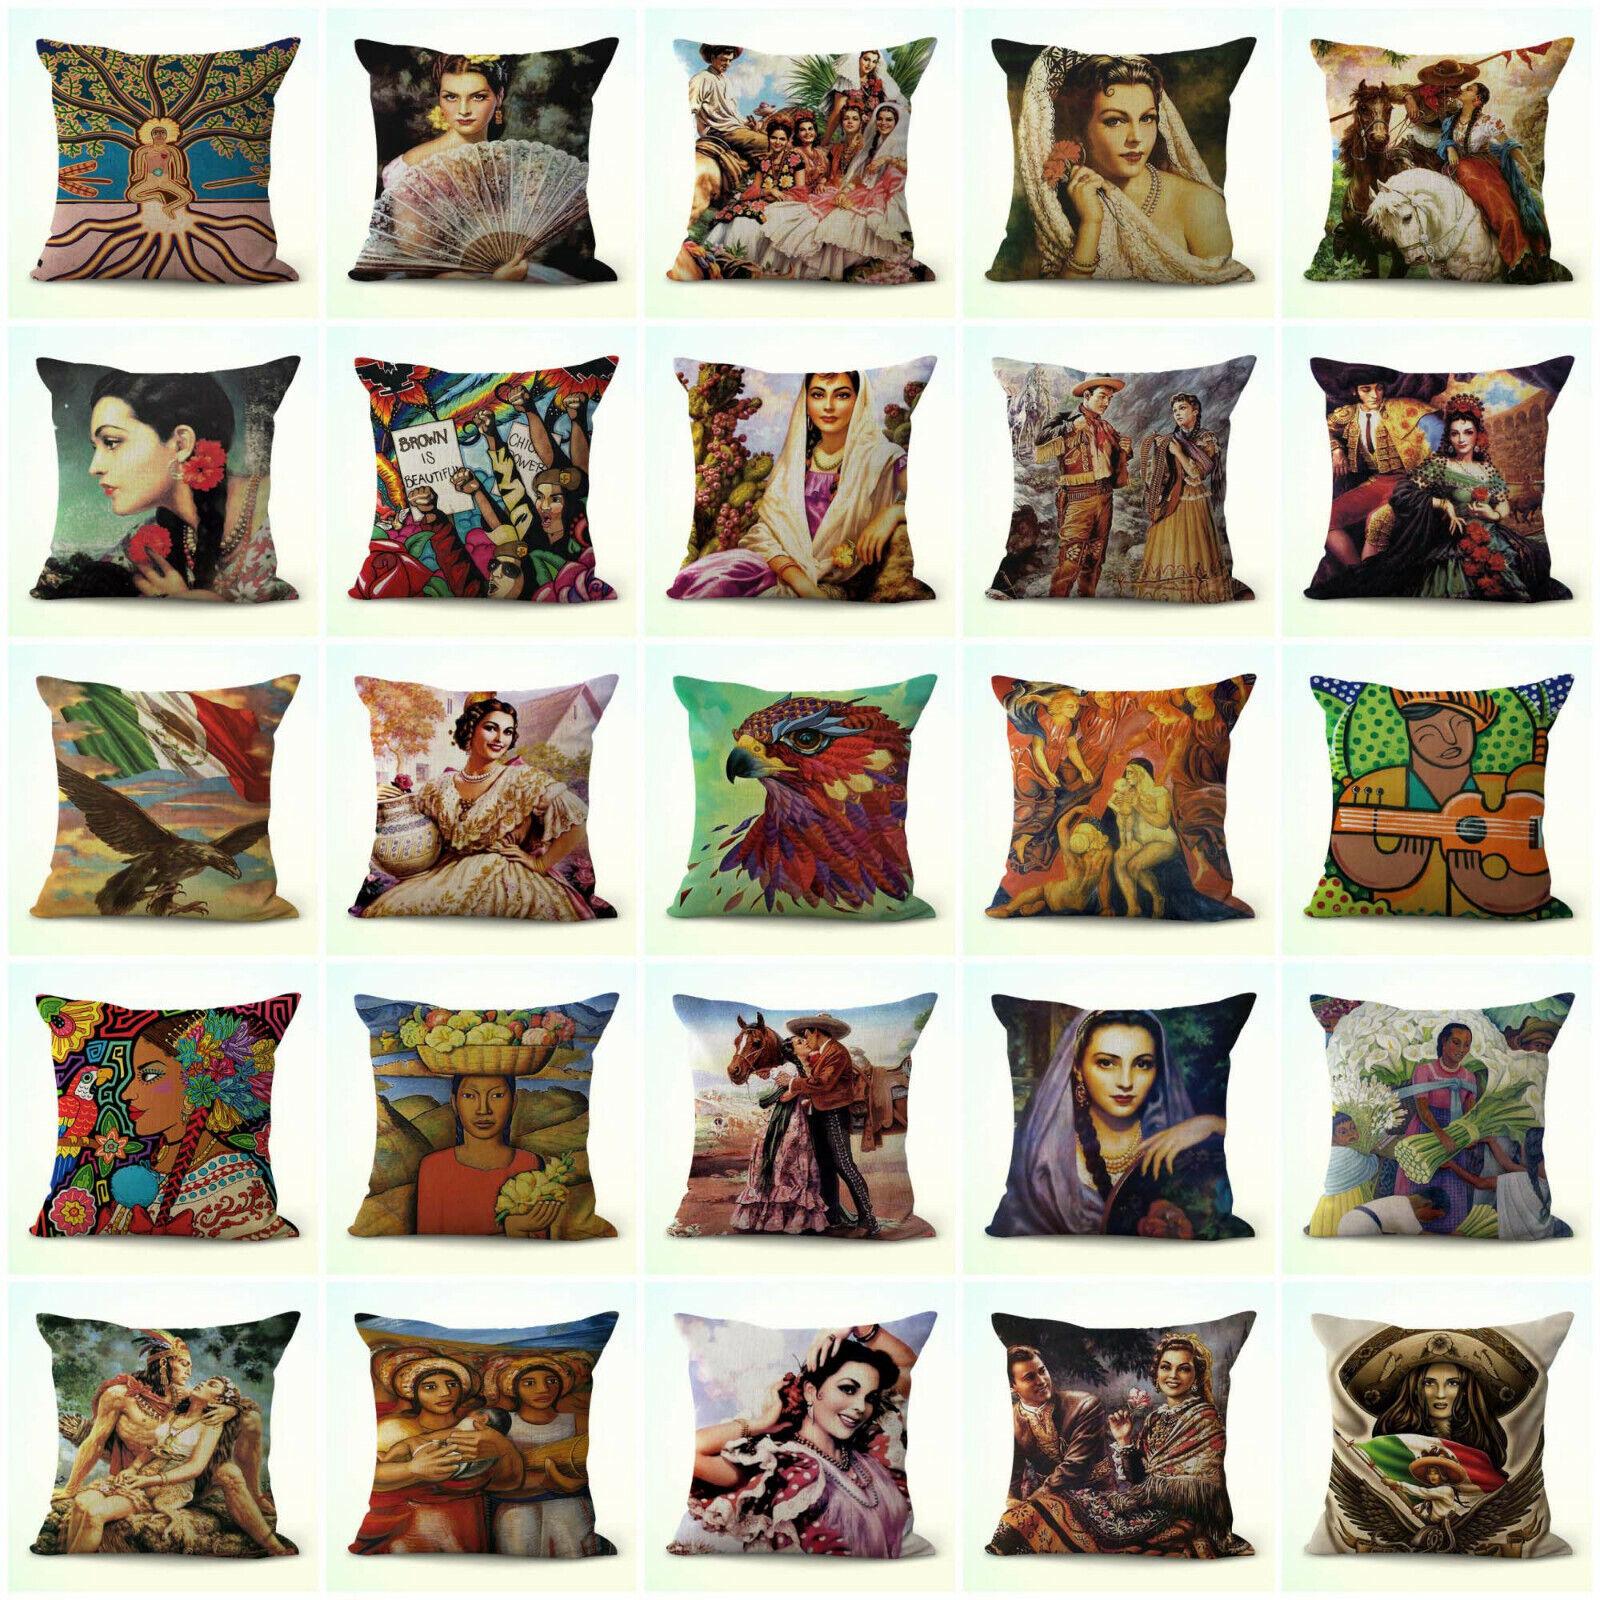 US Vendeur-Lot de 20 canapé jeté Taie d'oreiller hispanique art mexicain housses de coussin